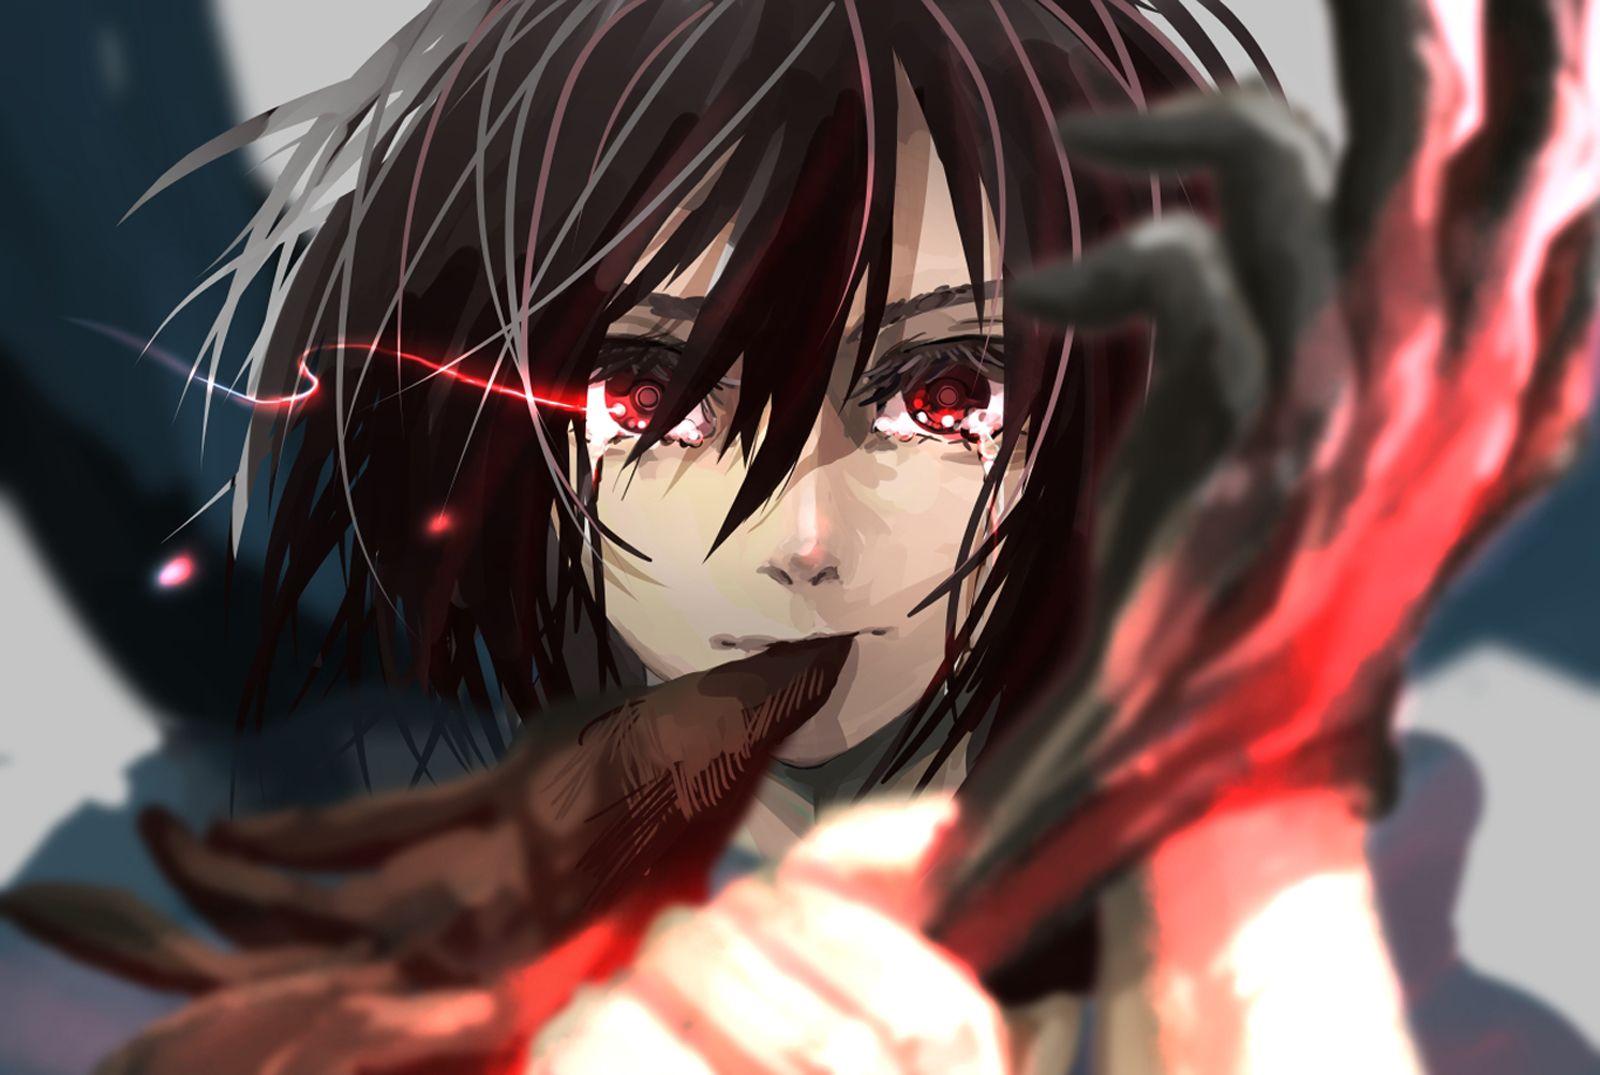 Mikasa Ackerman Shingeki No Kyojin Anime Wallpaper Anime